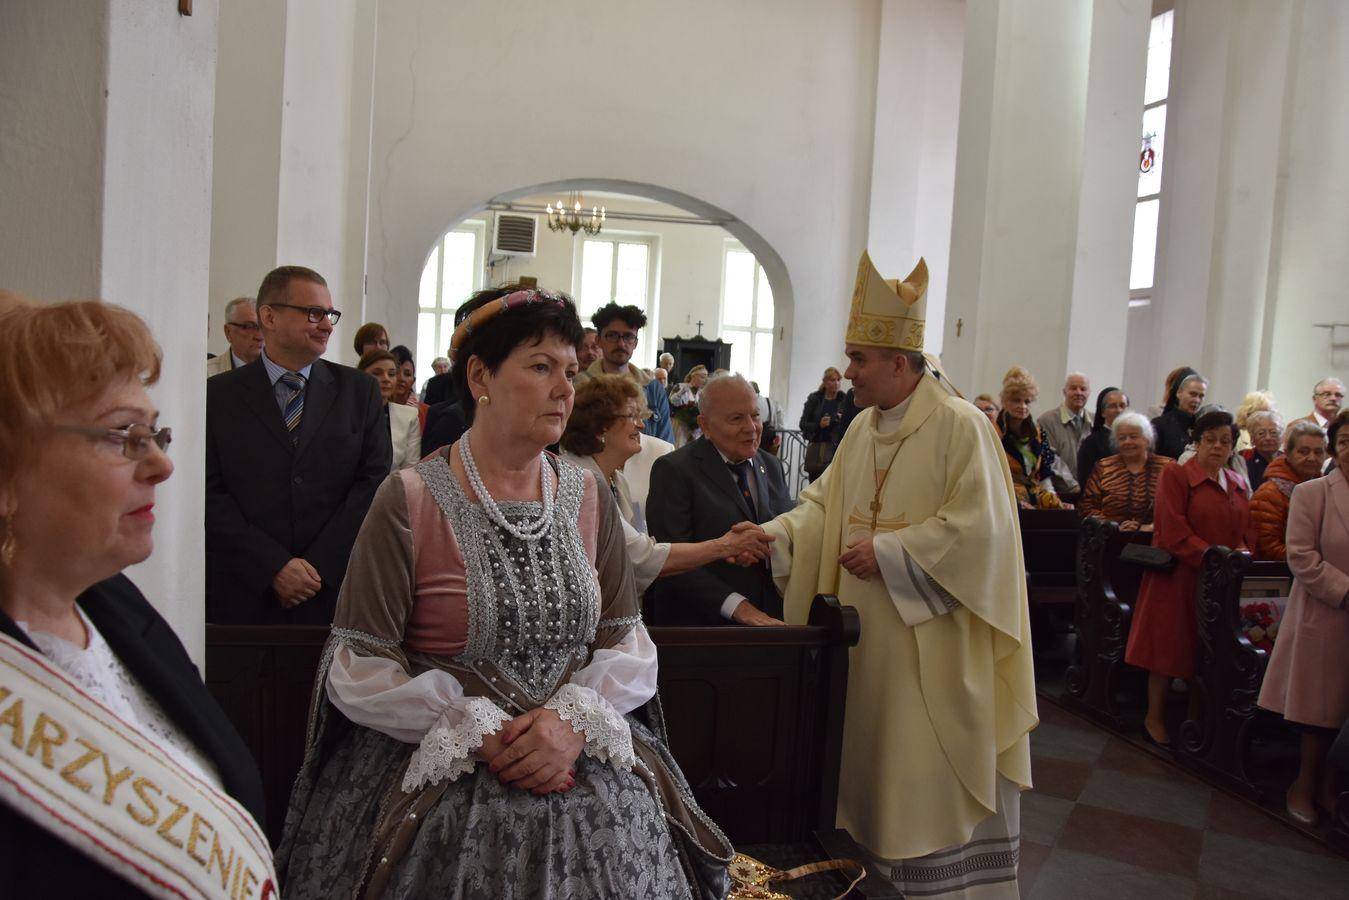 Msza św. w Kaplicy Królewskiej fot. J. Wikowski A31_7067